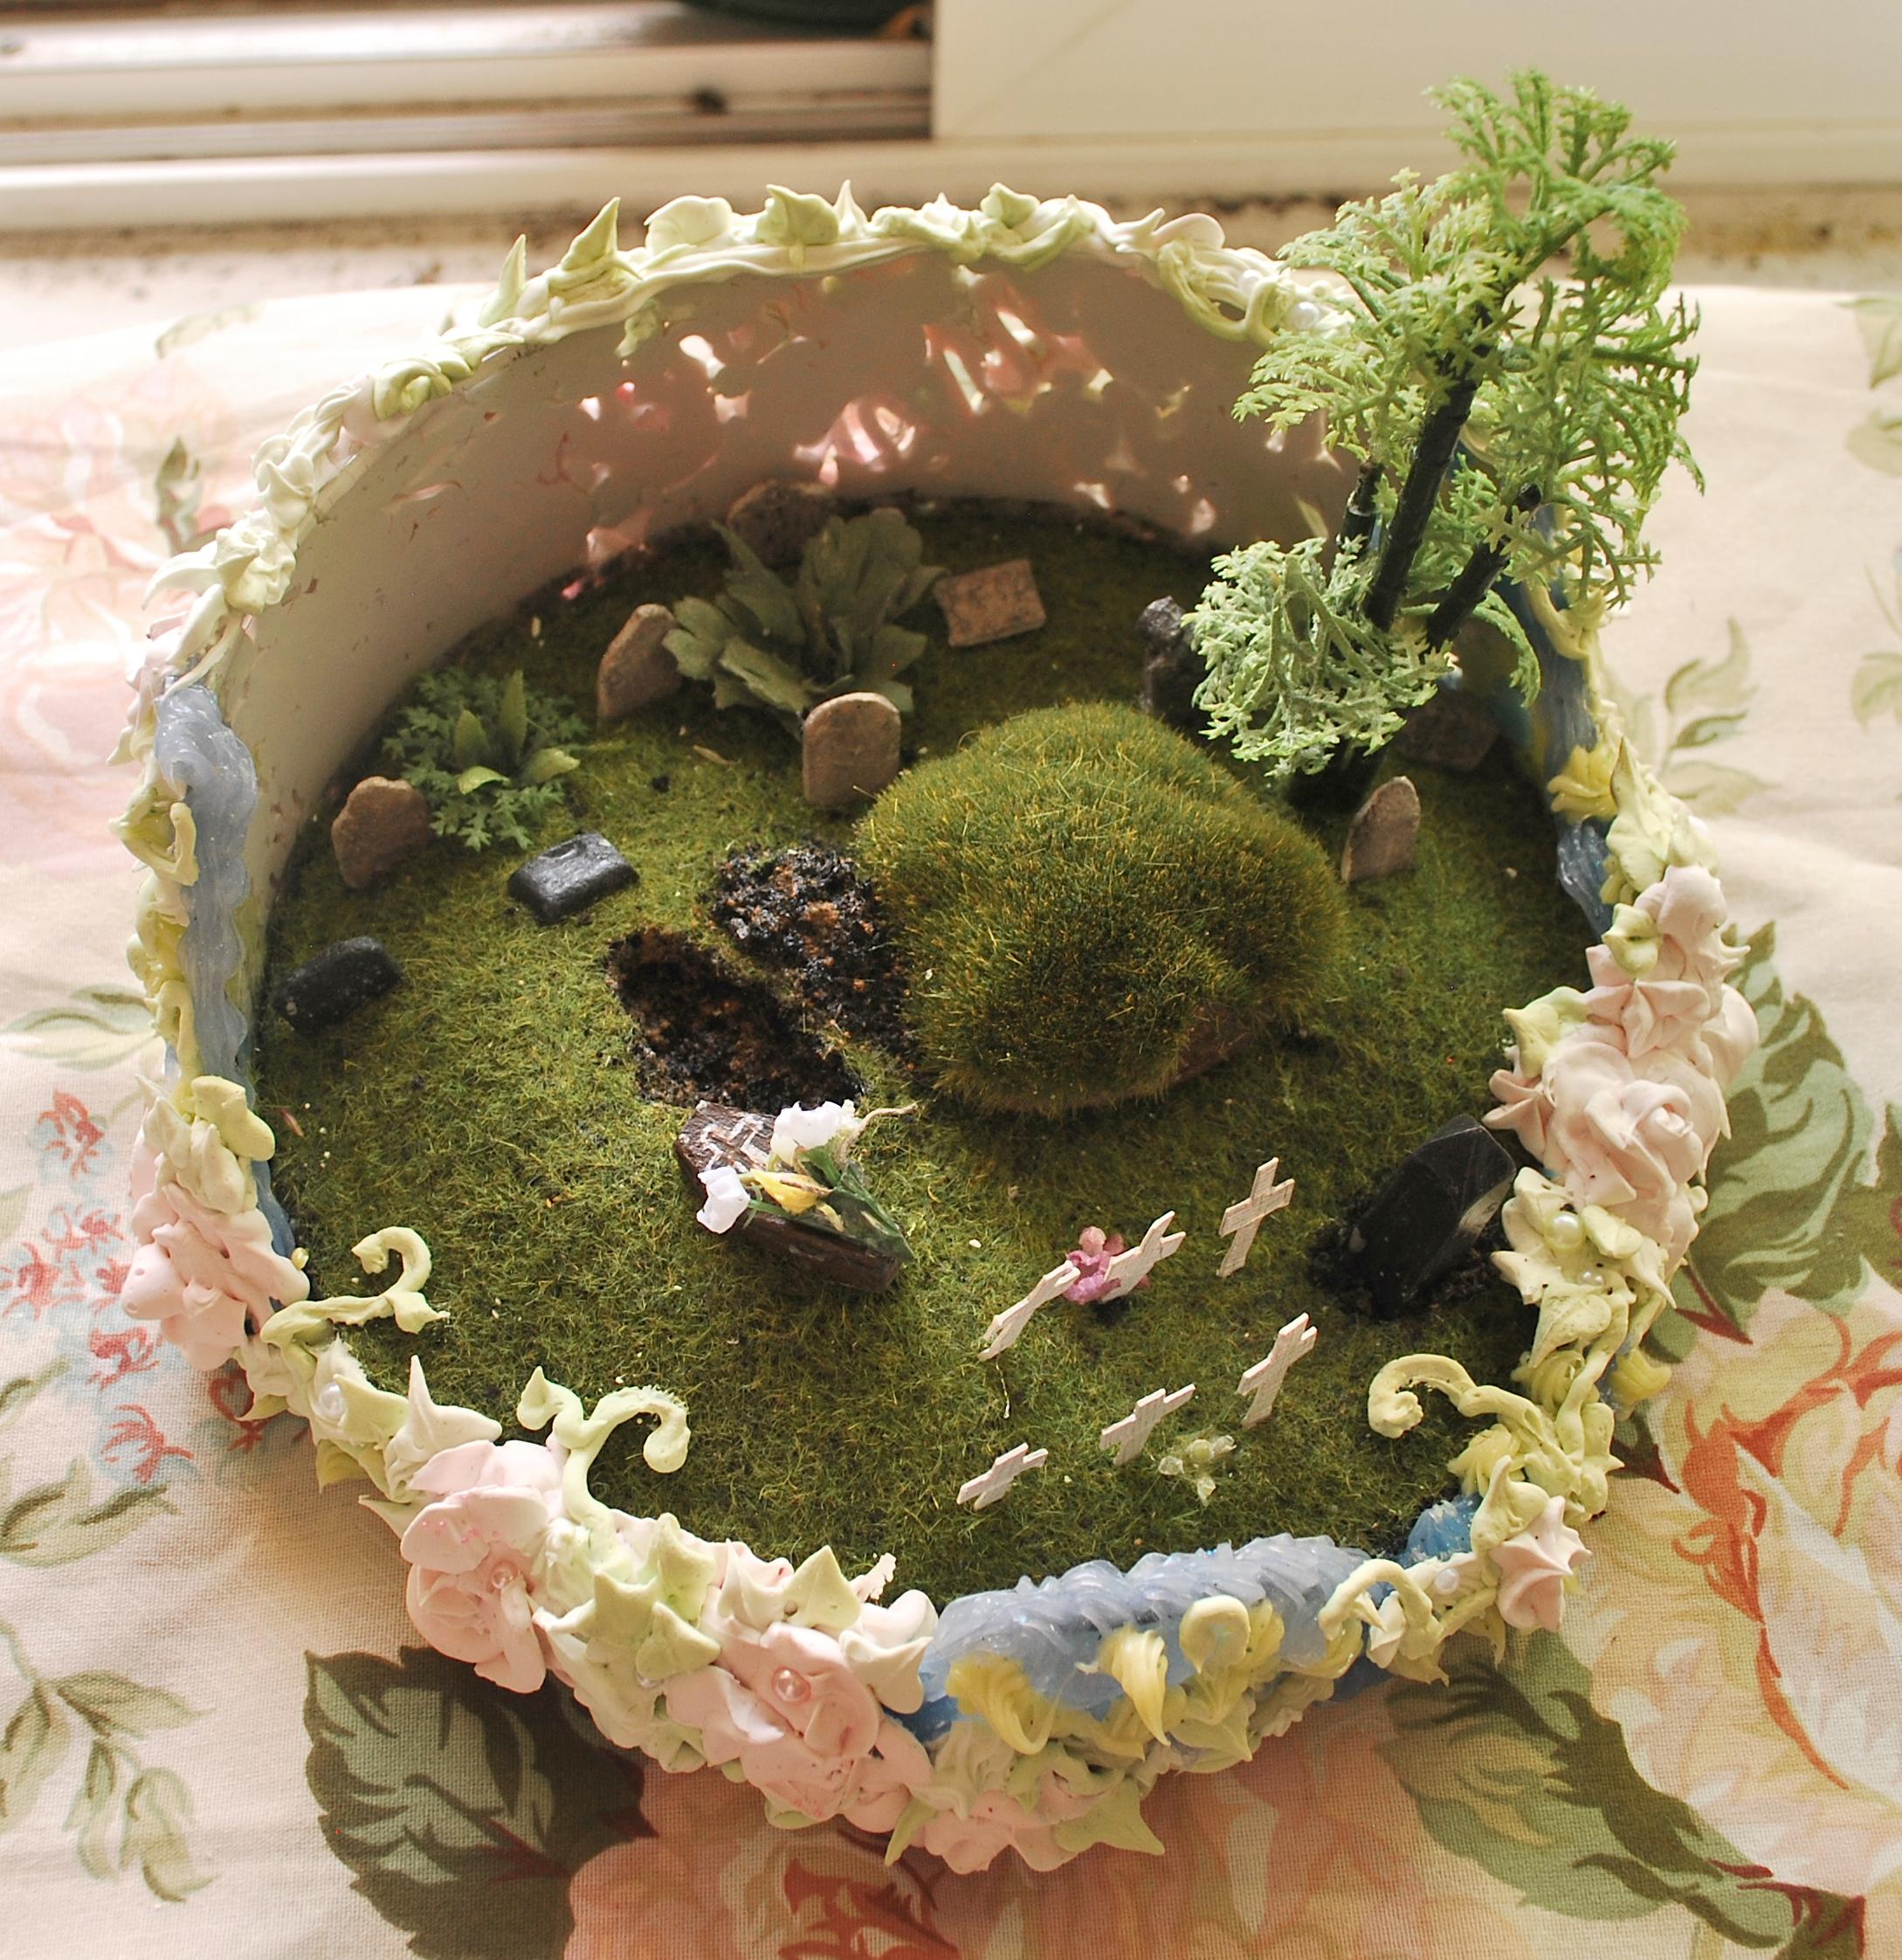 Cake Graveyard (Inside)